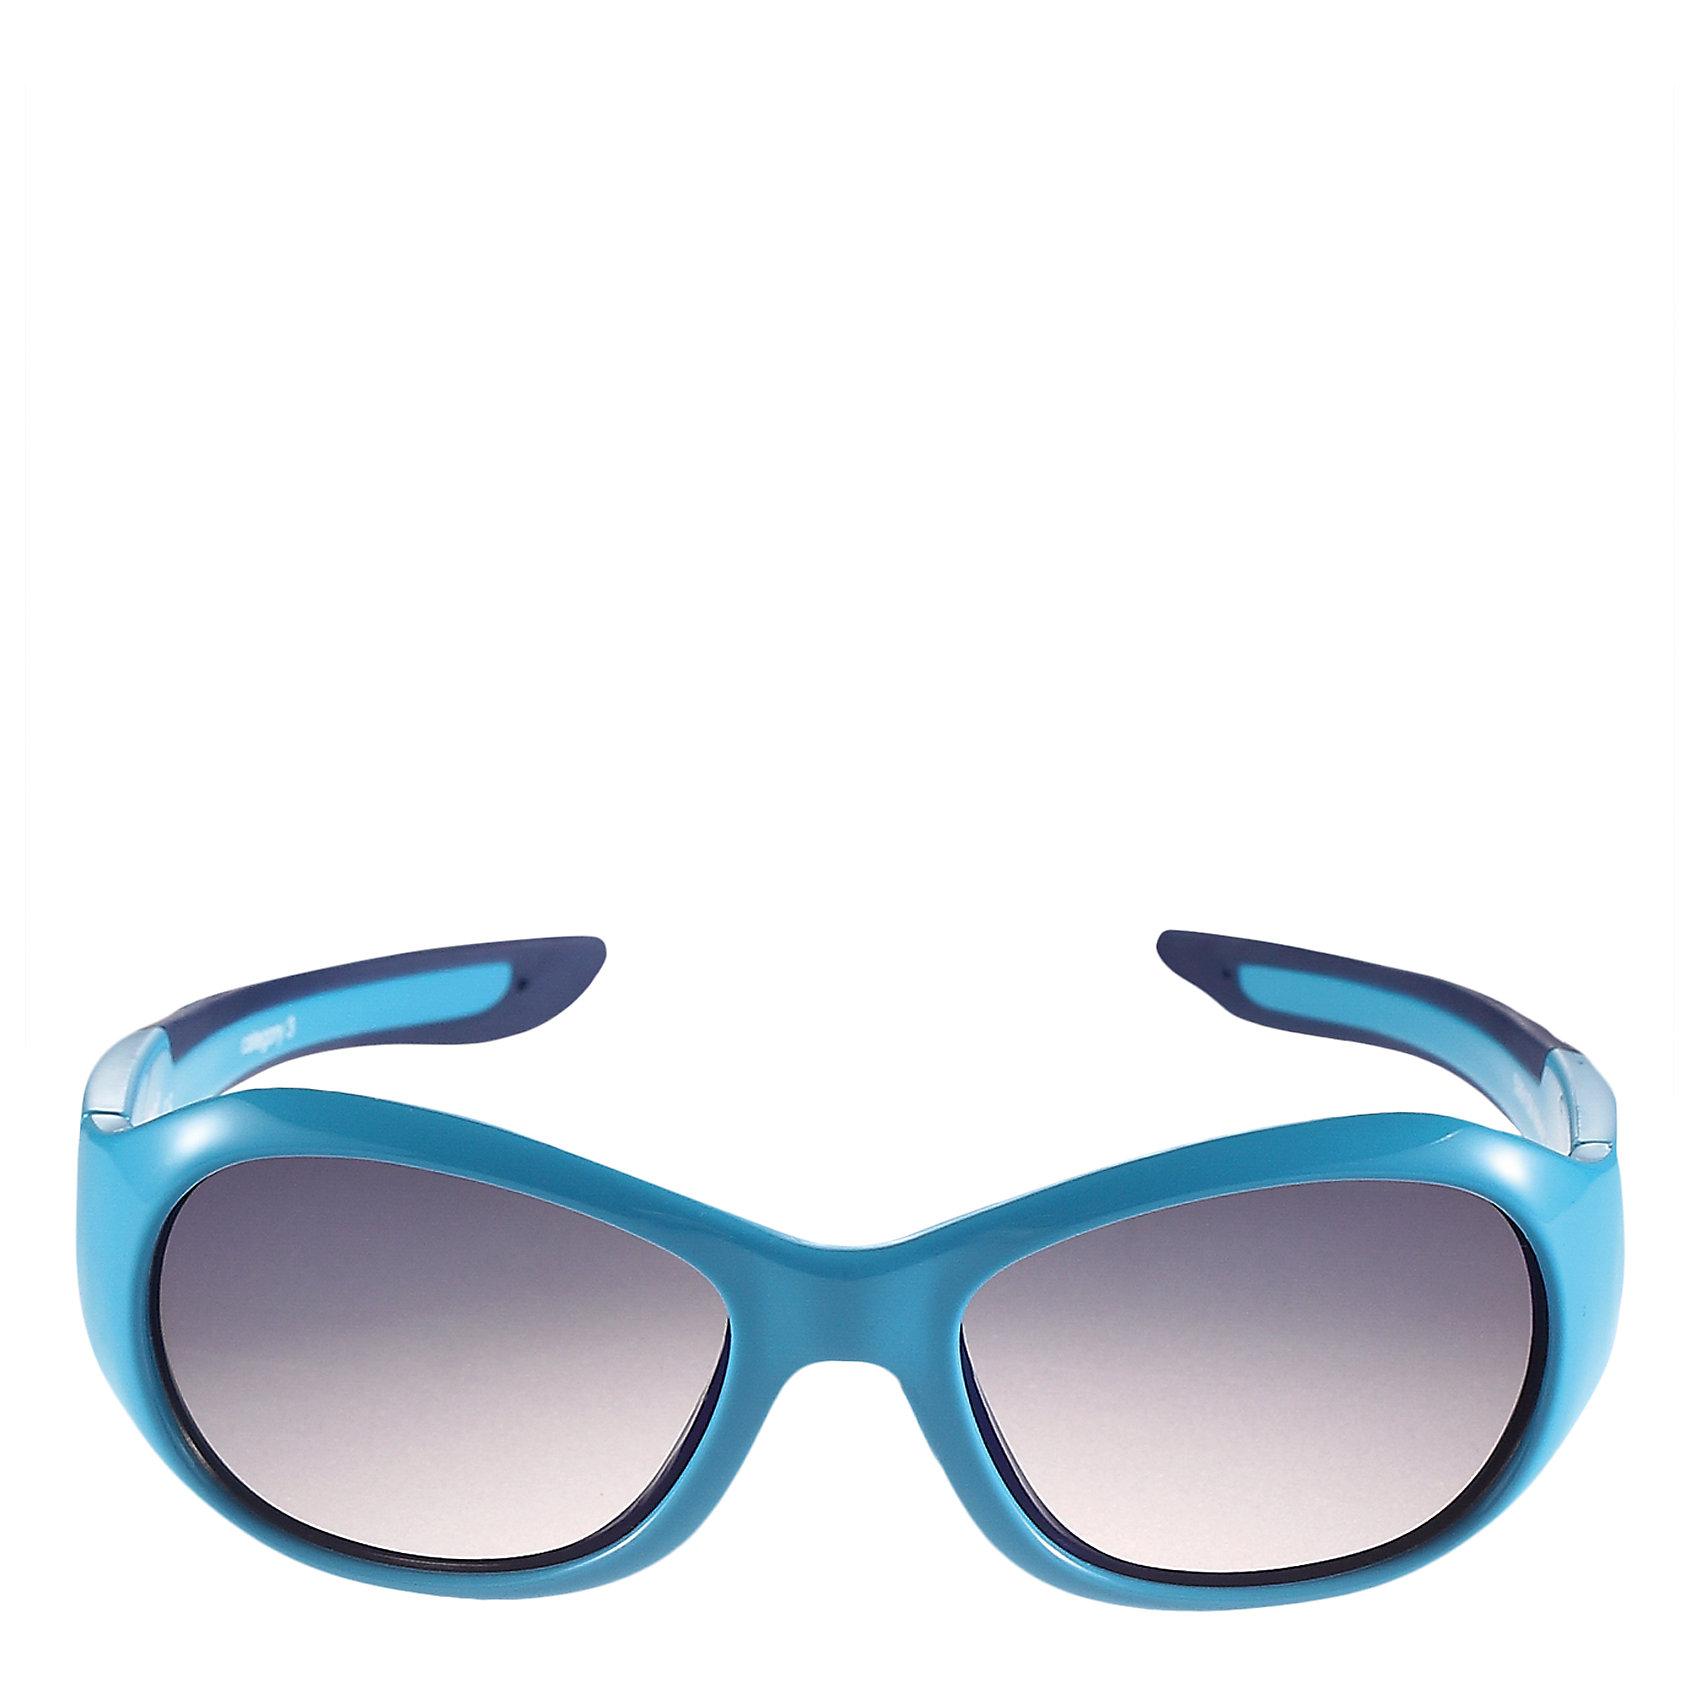 Солнцезащитные очки Bayou ReimaХарактеристики товара:<br><br>• цвет: голубой<br>• состав: оправа - TPEE/TPR/TR90/Резина, линзы - PC<br>• рекомендовано для детей 0-4 лет<br>• поляризованные зеркальные линзы<br>• обработка противотуманным покрытием<br>• мягкая и эластичная оправа <br>• защитный чехол в комплекте<br>• европейский сертификат соответствия<br>• защита от ультрафиолетовых лучей спектра A и спектра B класса 5<br>• страна производства: Китай<br>• страна бренда: Финляндия<br>• коллекция: весна-лето 2017<br><br>Специальные очки помогут уберечь глаза детей от повреждения прямыми солнечными лучами. Эта модель разрабатывалась для малышей - у неё мягкая оправа с очень комфортной посадкой, зеркальные линзы со специальной обработкой, есть защитный чехол. Очки не только хорошо проработаны, они стильно смотрятся!<br><br>Обувь и одежда от финского бренда Reima пользуются популярностью во многих странах. Они стильные, качественные и удобные. Для производства продукции используются только безопасные, проверенные материалы и фурнитура.<br><br>Солнцезащитные очки для девочки от финского бренда Reima (Рейма) можно купить в нашем интернет-магазине.<br><br>Ширина мм: 170<br>Глубина мм: 157<br>Высота мм: 67<br>Вес г: 117<br>Цвет: синий<br>Возраст от месяцев: 48<br>Возраст до месяцев: 72<br>Пол: Унисекс<br>Возраст: Детский<br>Размер: one size<br>SKU: 5266122